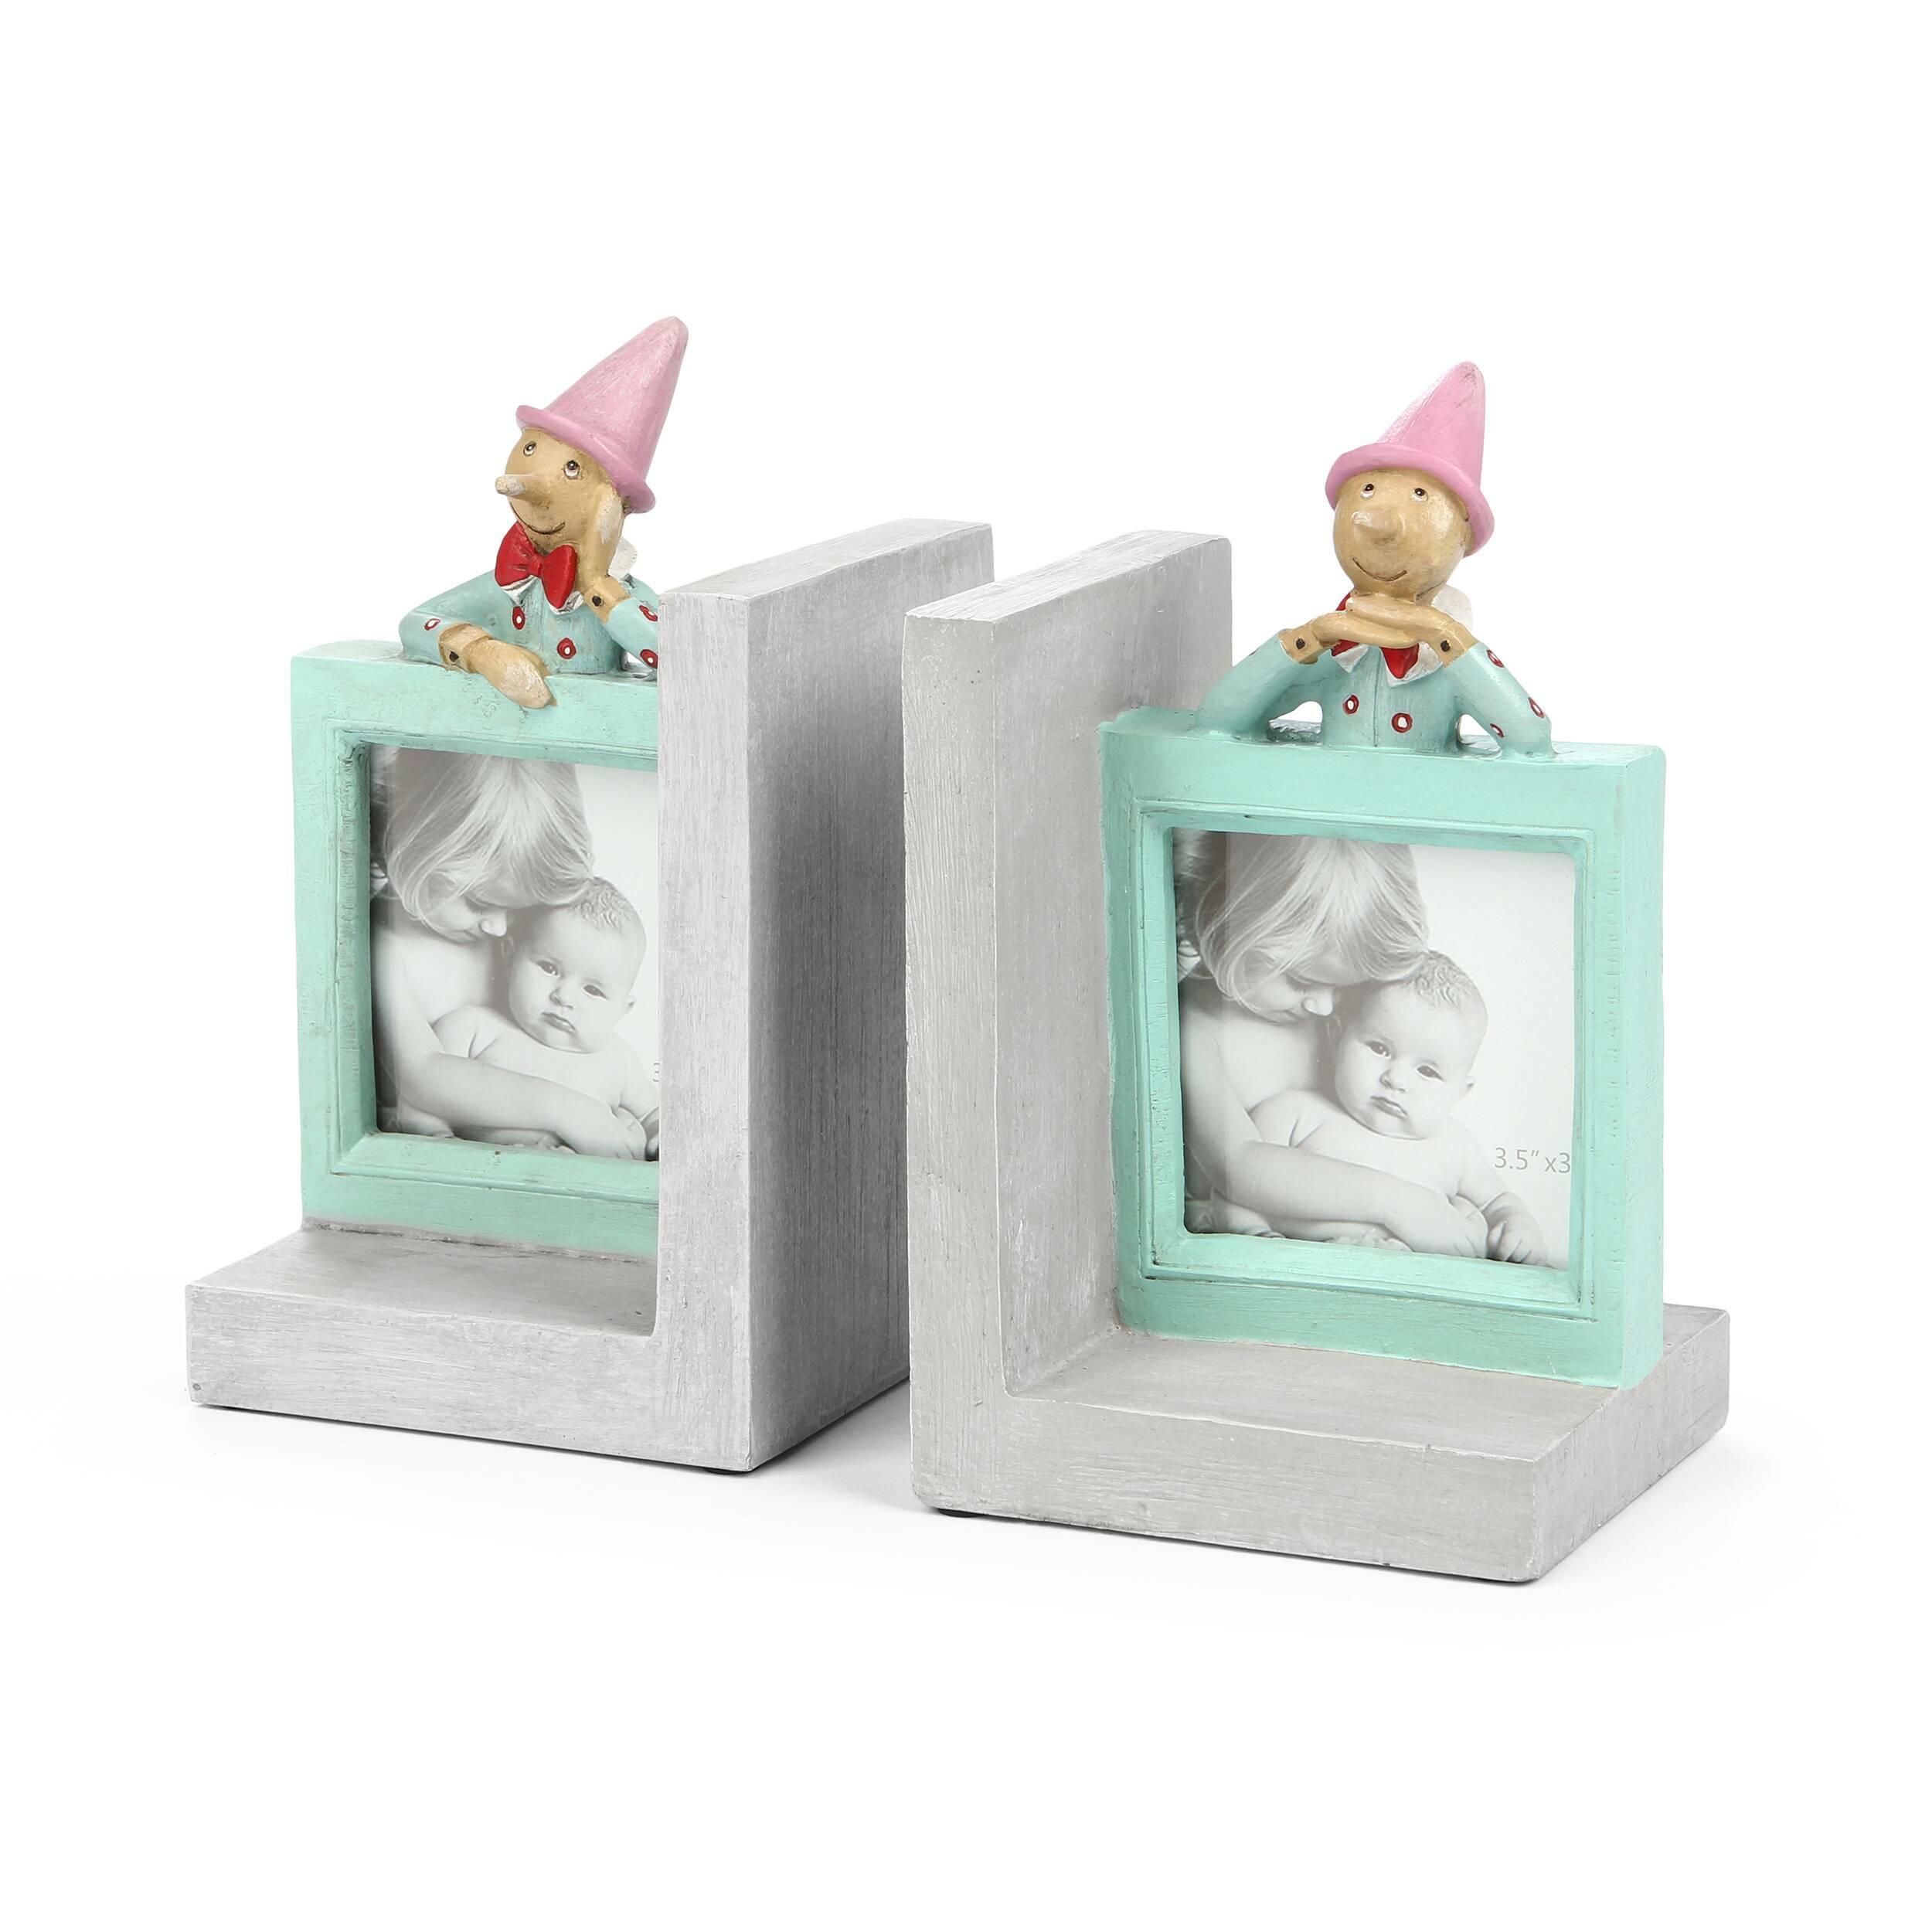 Держатель для книг PinocchioРазное<br>Дизайнерский серо-бирюзовый держатель для книг Pinocchio (Пинокио) от Cosmo (Космо).<br><br> Главные принципы декорирования детской комнаты — экологичность используемых материалов и соответствие украшений вкусам вашего ребенка. Это могут быть изображения любимых героев, предметы, напоминающие о любимых увлечениях, или просто веселые фигурки. Главное — чтобы ребенку нравилась созданная в его комнате атмосфера.<br><br><br> Держатель для книг Pinocchio не только функционально полезная вещь в интерьере де...<br><br>stock: 5<br>Высота: 19.5<br>Ширина: 10.6<br>Материал: Смола<br>Цвет: Голубой<br>Длина: 11.6<br>Цвет дополнительный: Серый